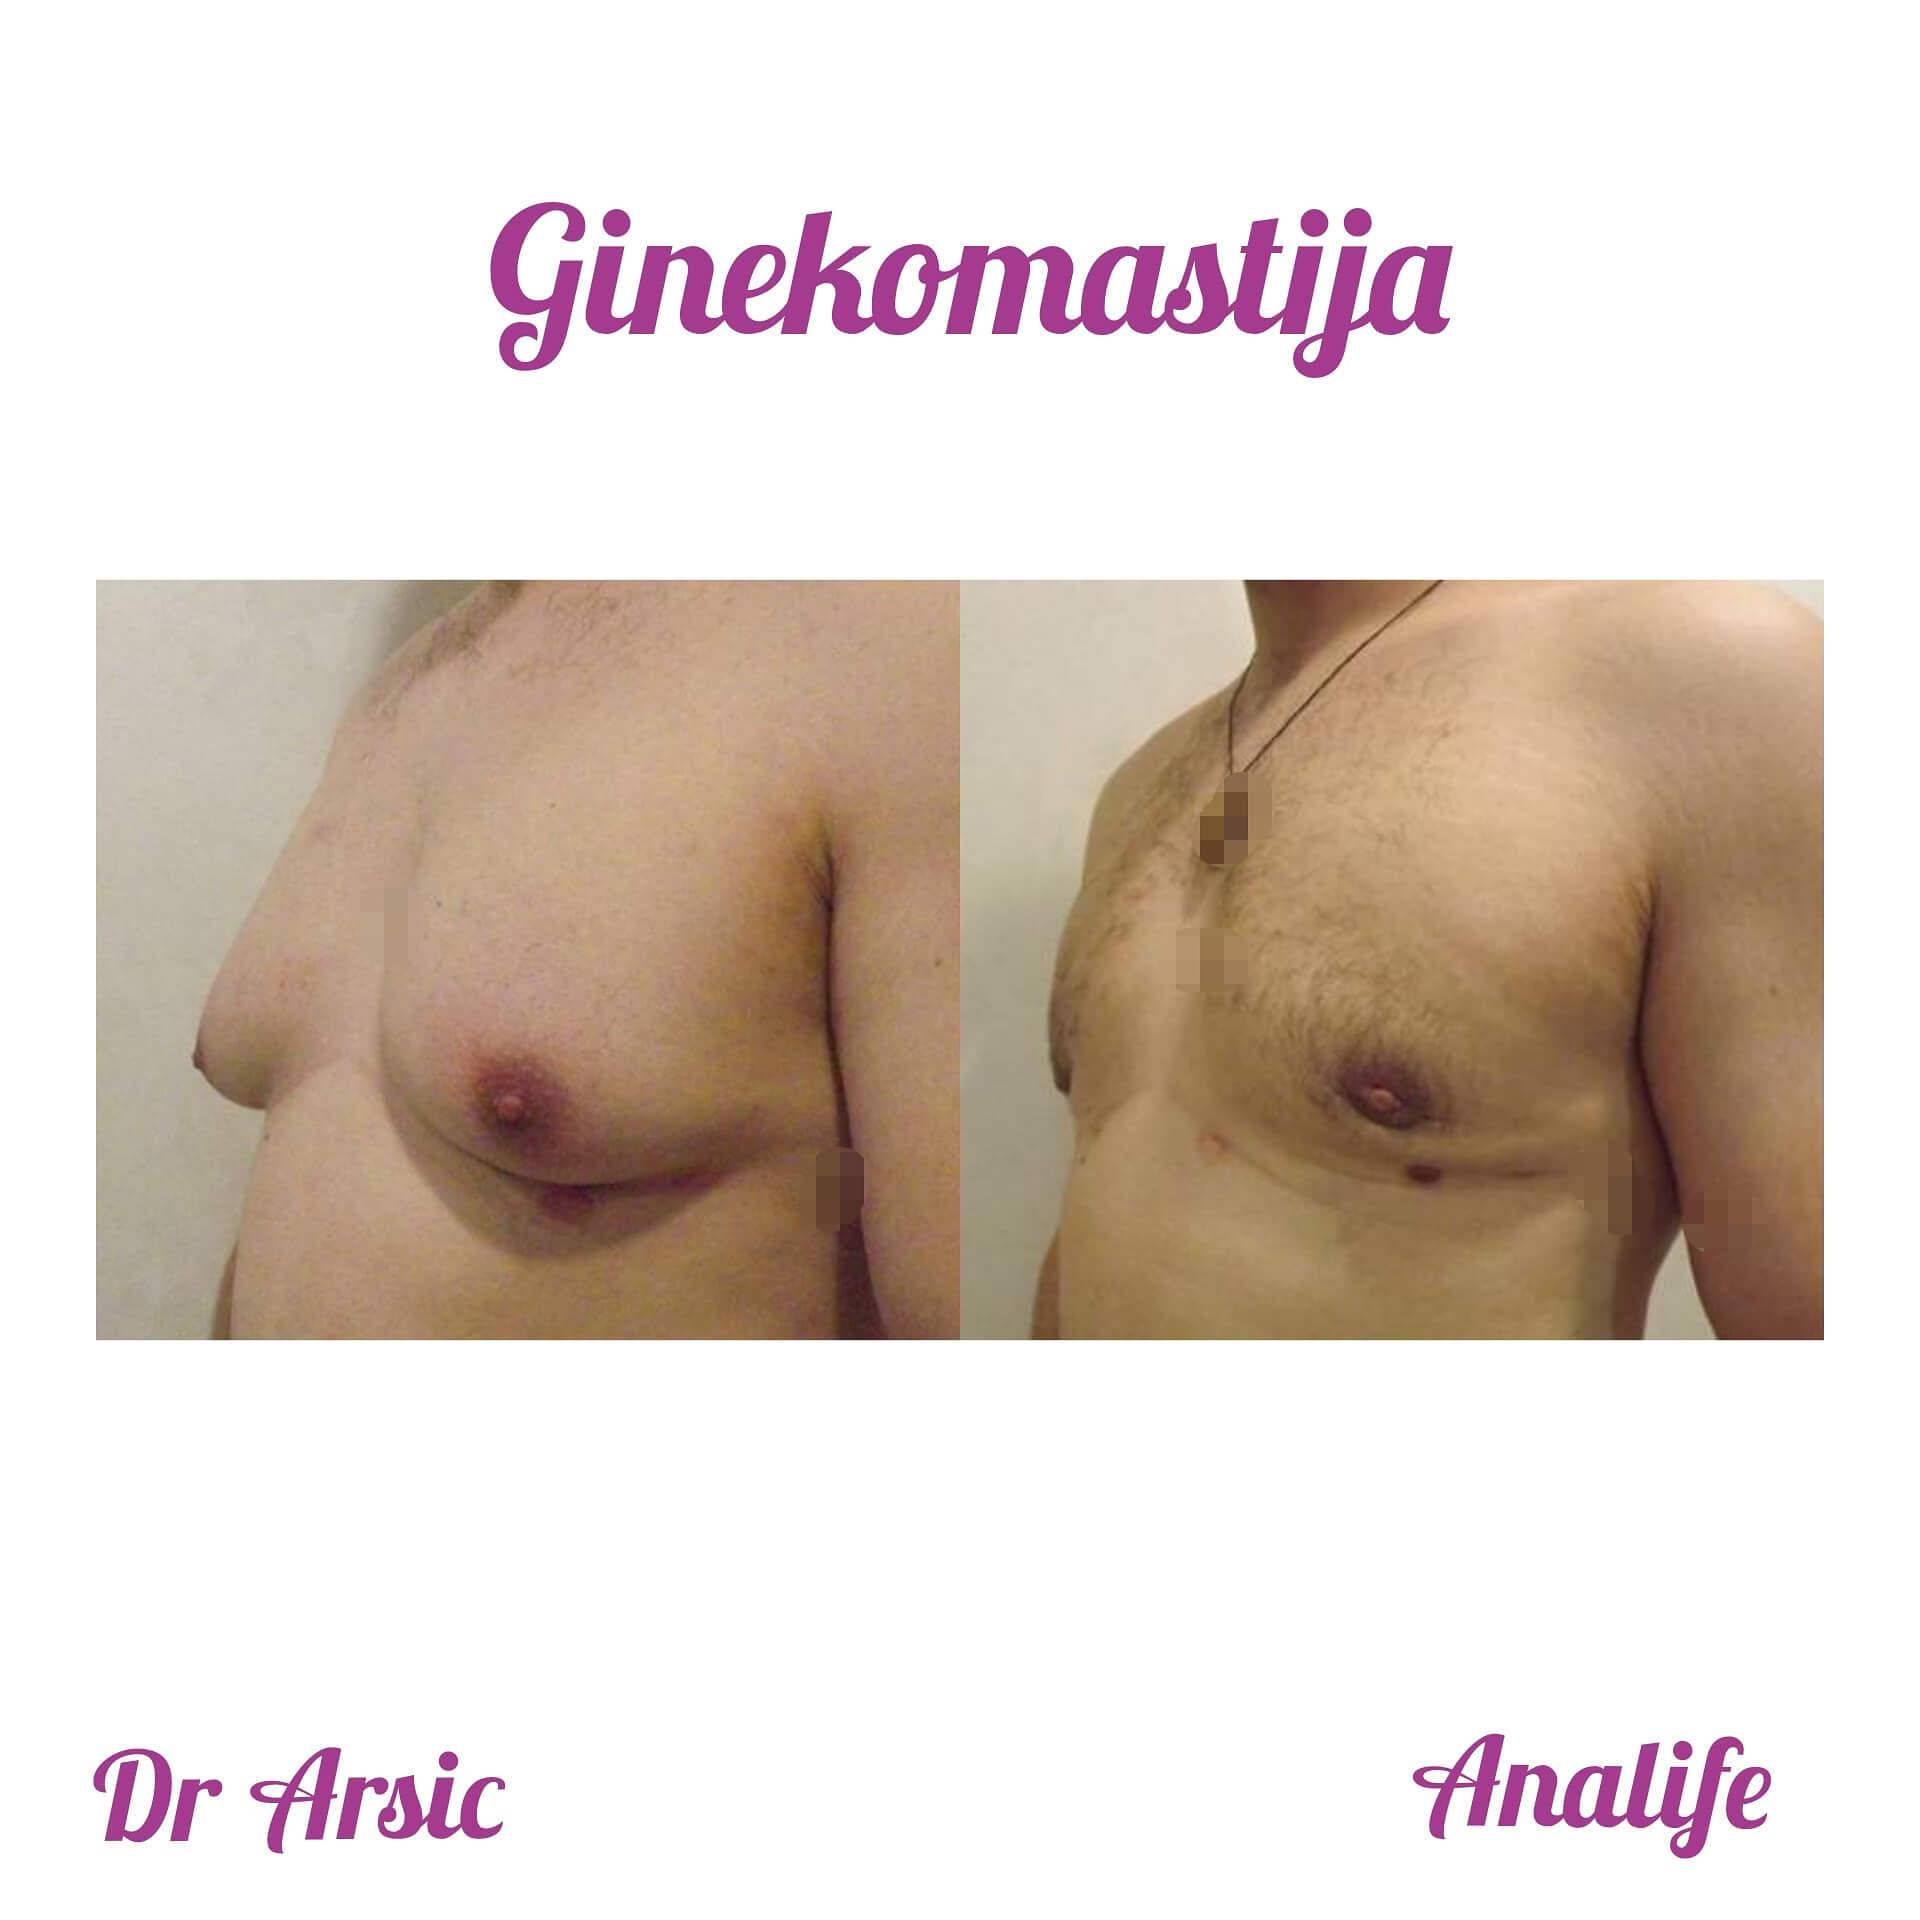 Samo u Analife bolnici promotivna cena ginekomastije - 1350e dve operacije po ceni jedne!